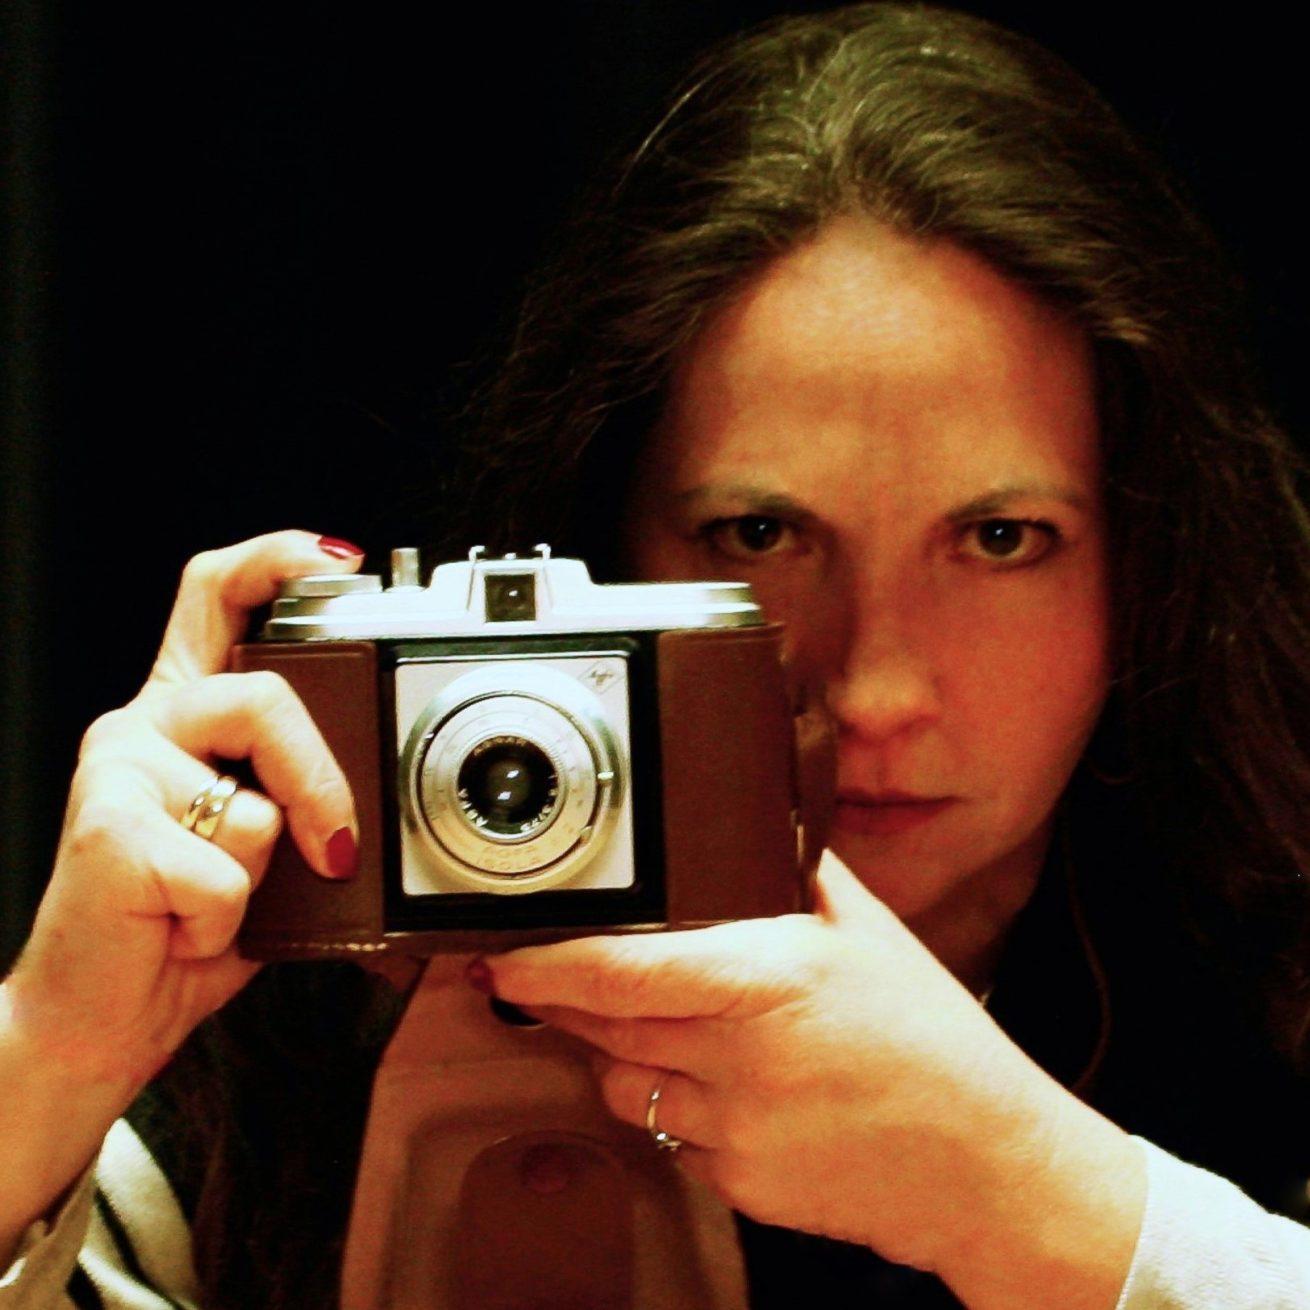 Eine Frau hält eine alte Kamera vor ihr Gesicht